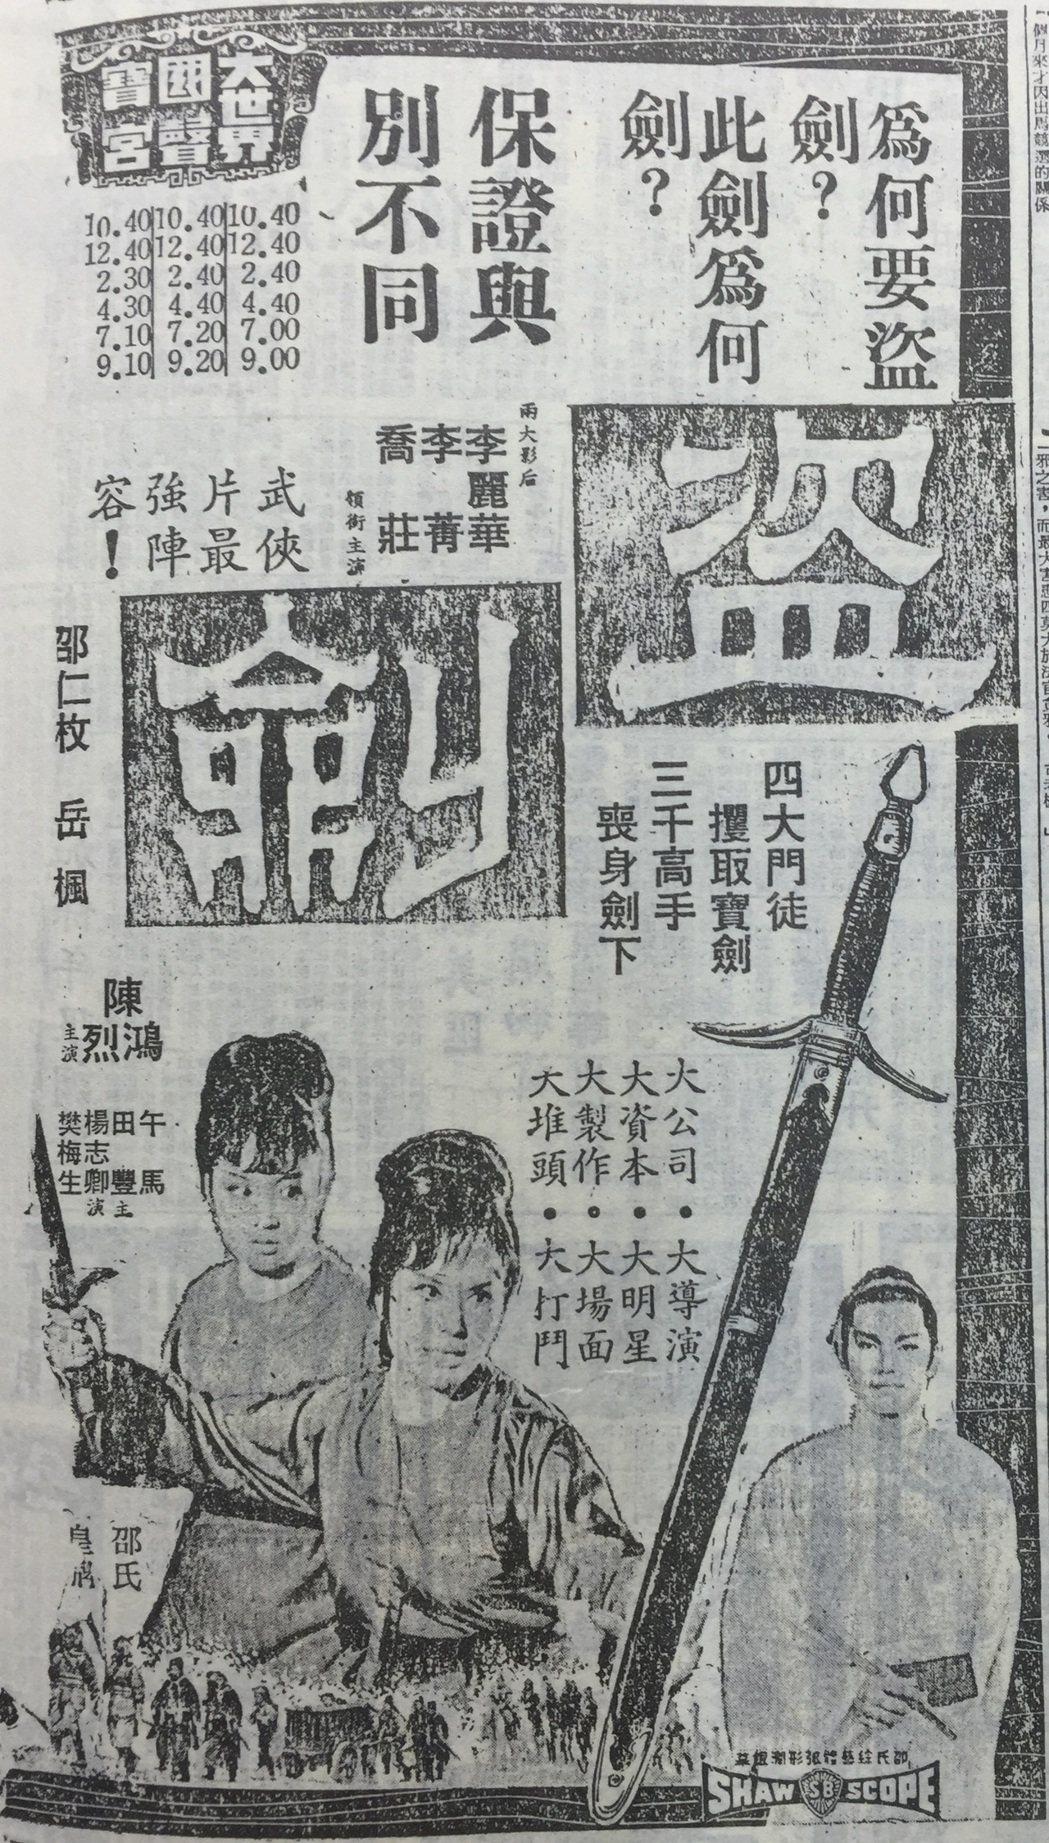 翻攝自民國57年自立晚報